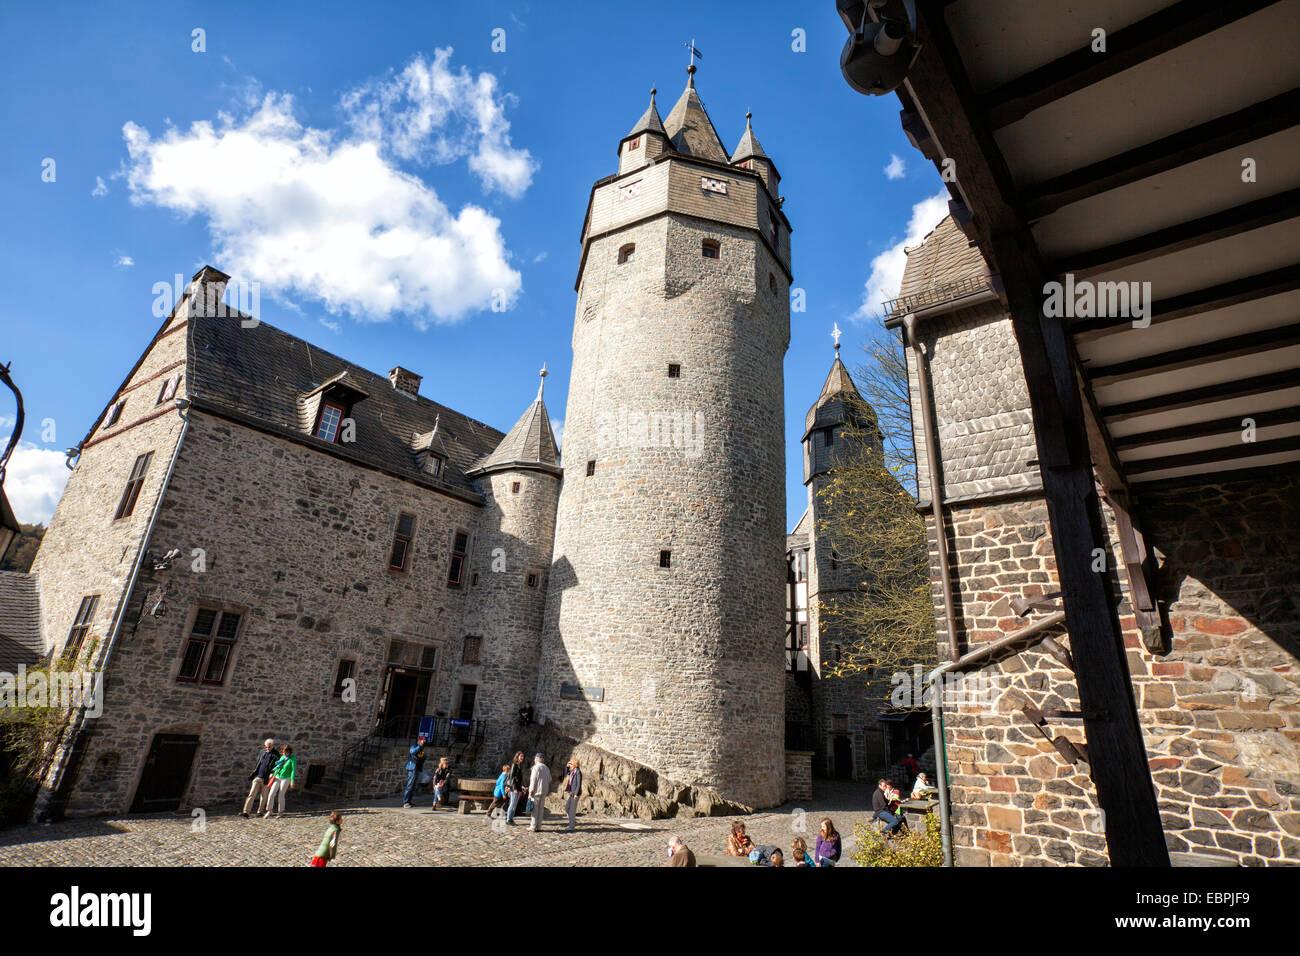 Burg Altena, Altena, Lennetal, Maerkischer Kreis, Sauerland, Nordrhein-Westfalen, Deutschland, Europa, Burg Altena, Stockbild